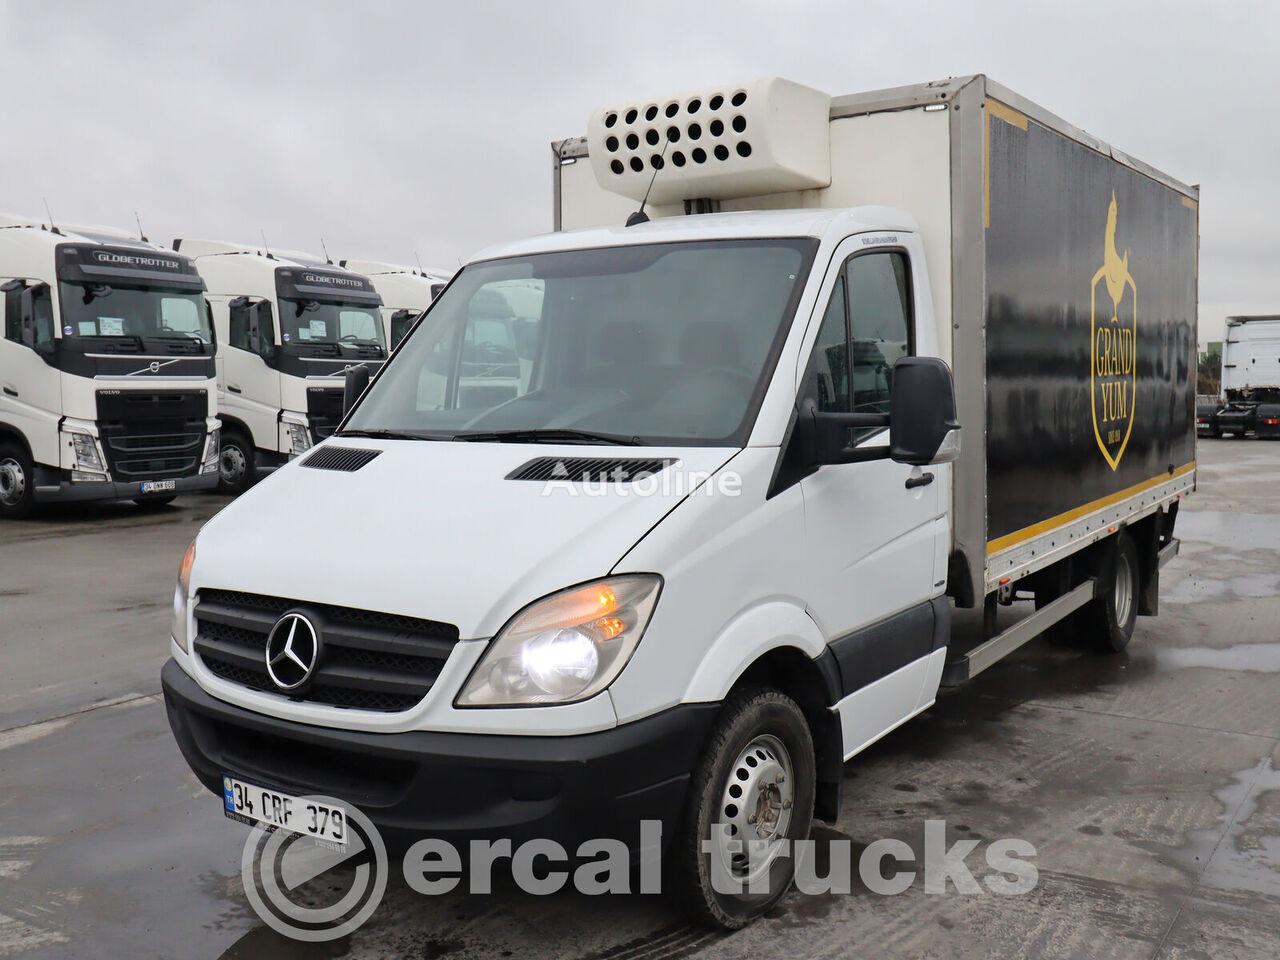 MERCEDES-BENZ SPRINTER 516 refrigerated truck < 3.5t